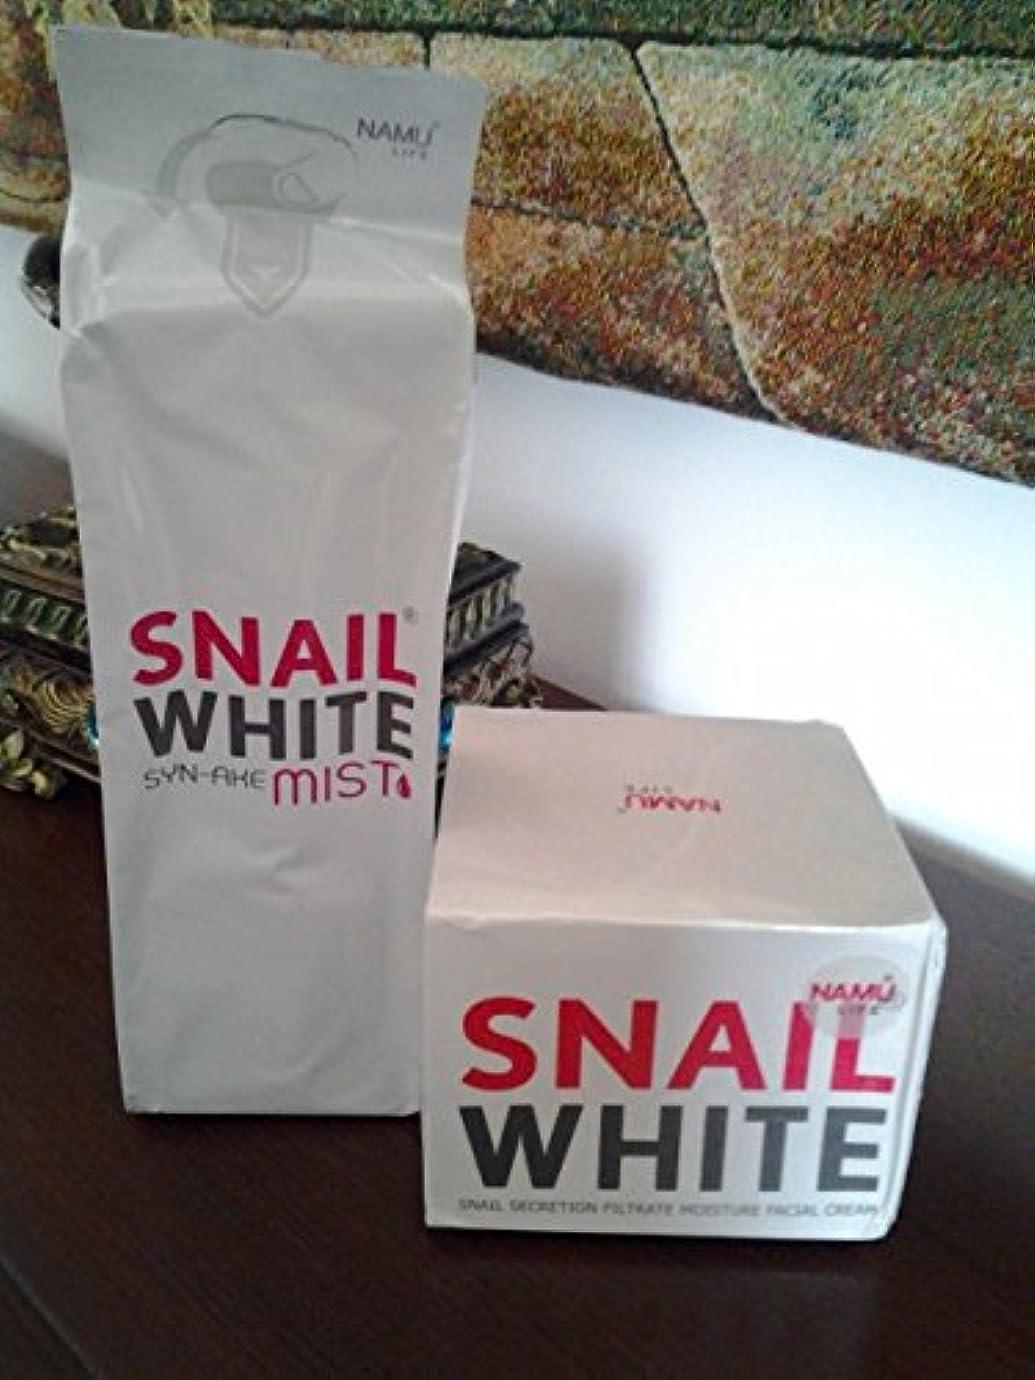 アジャ消毒するスクレーパーSnailホワイトクリーム+カタツムリホワイトsyn-ake Mist Snail